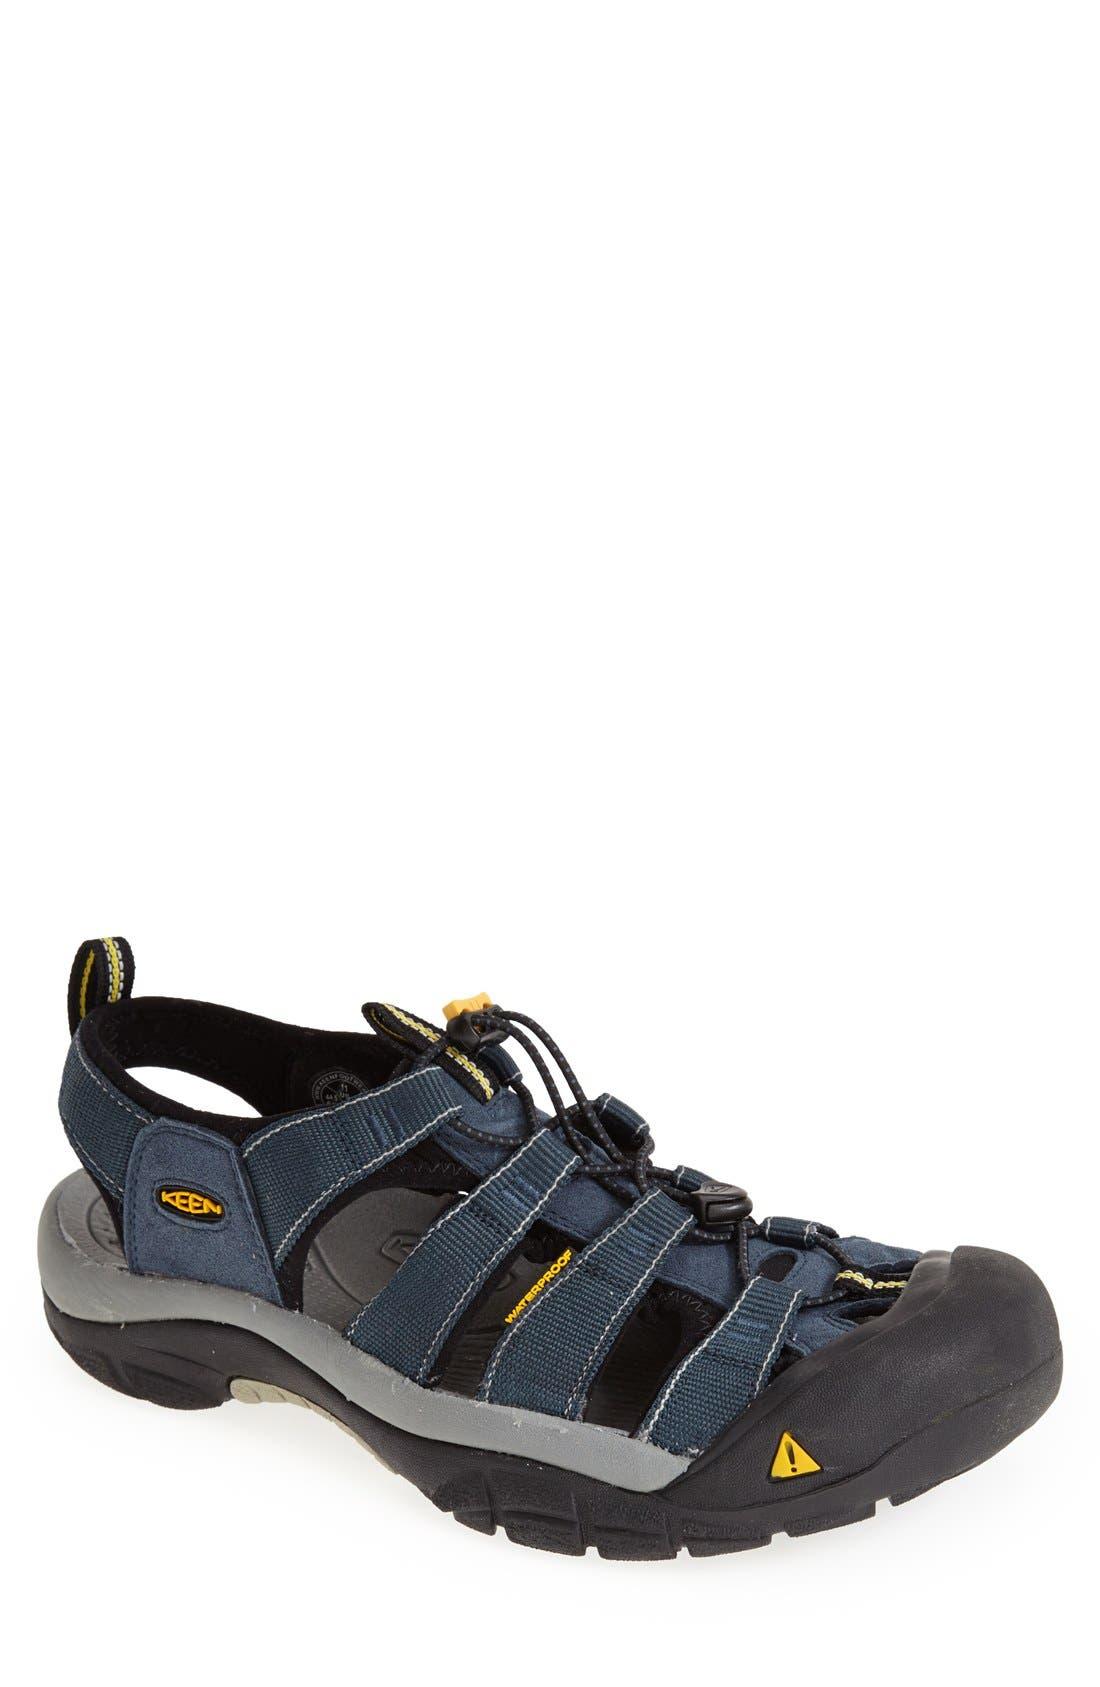 Main Image - Keen 'Newport H2' Sandal (Men)